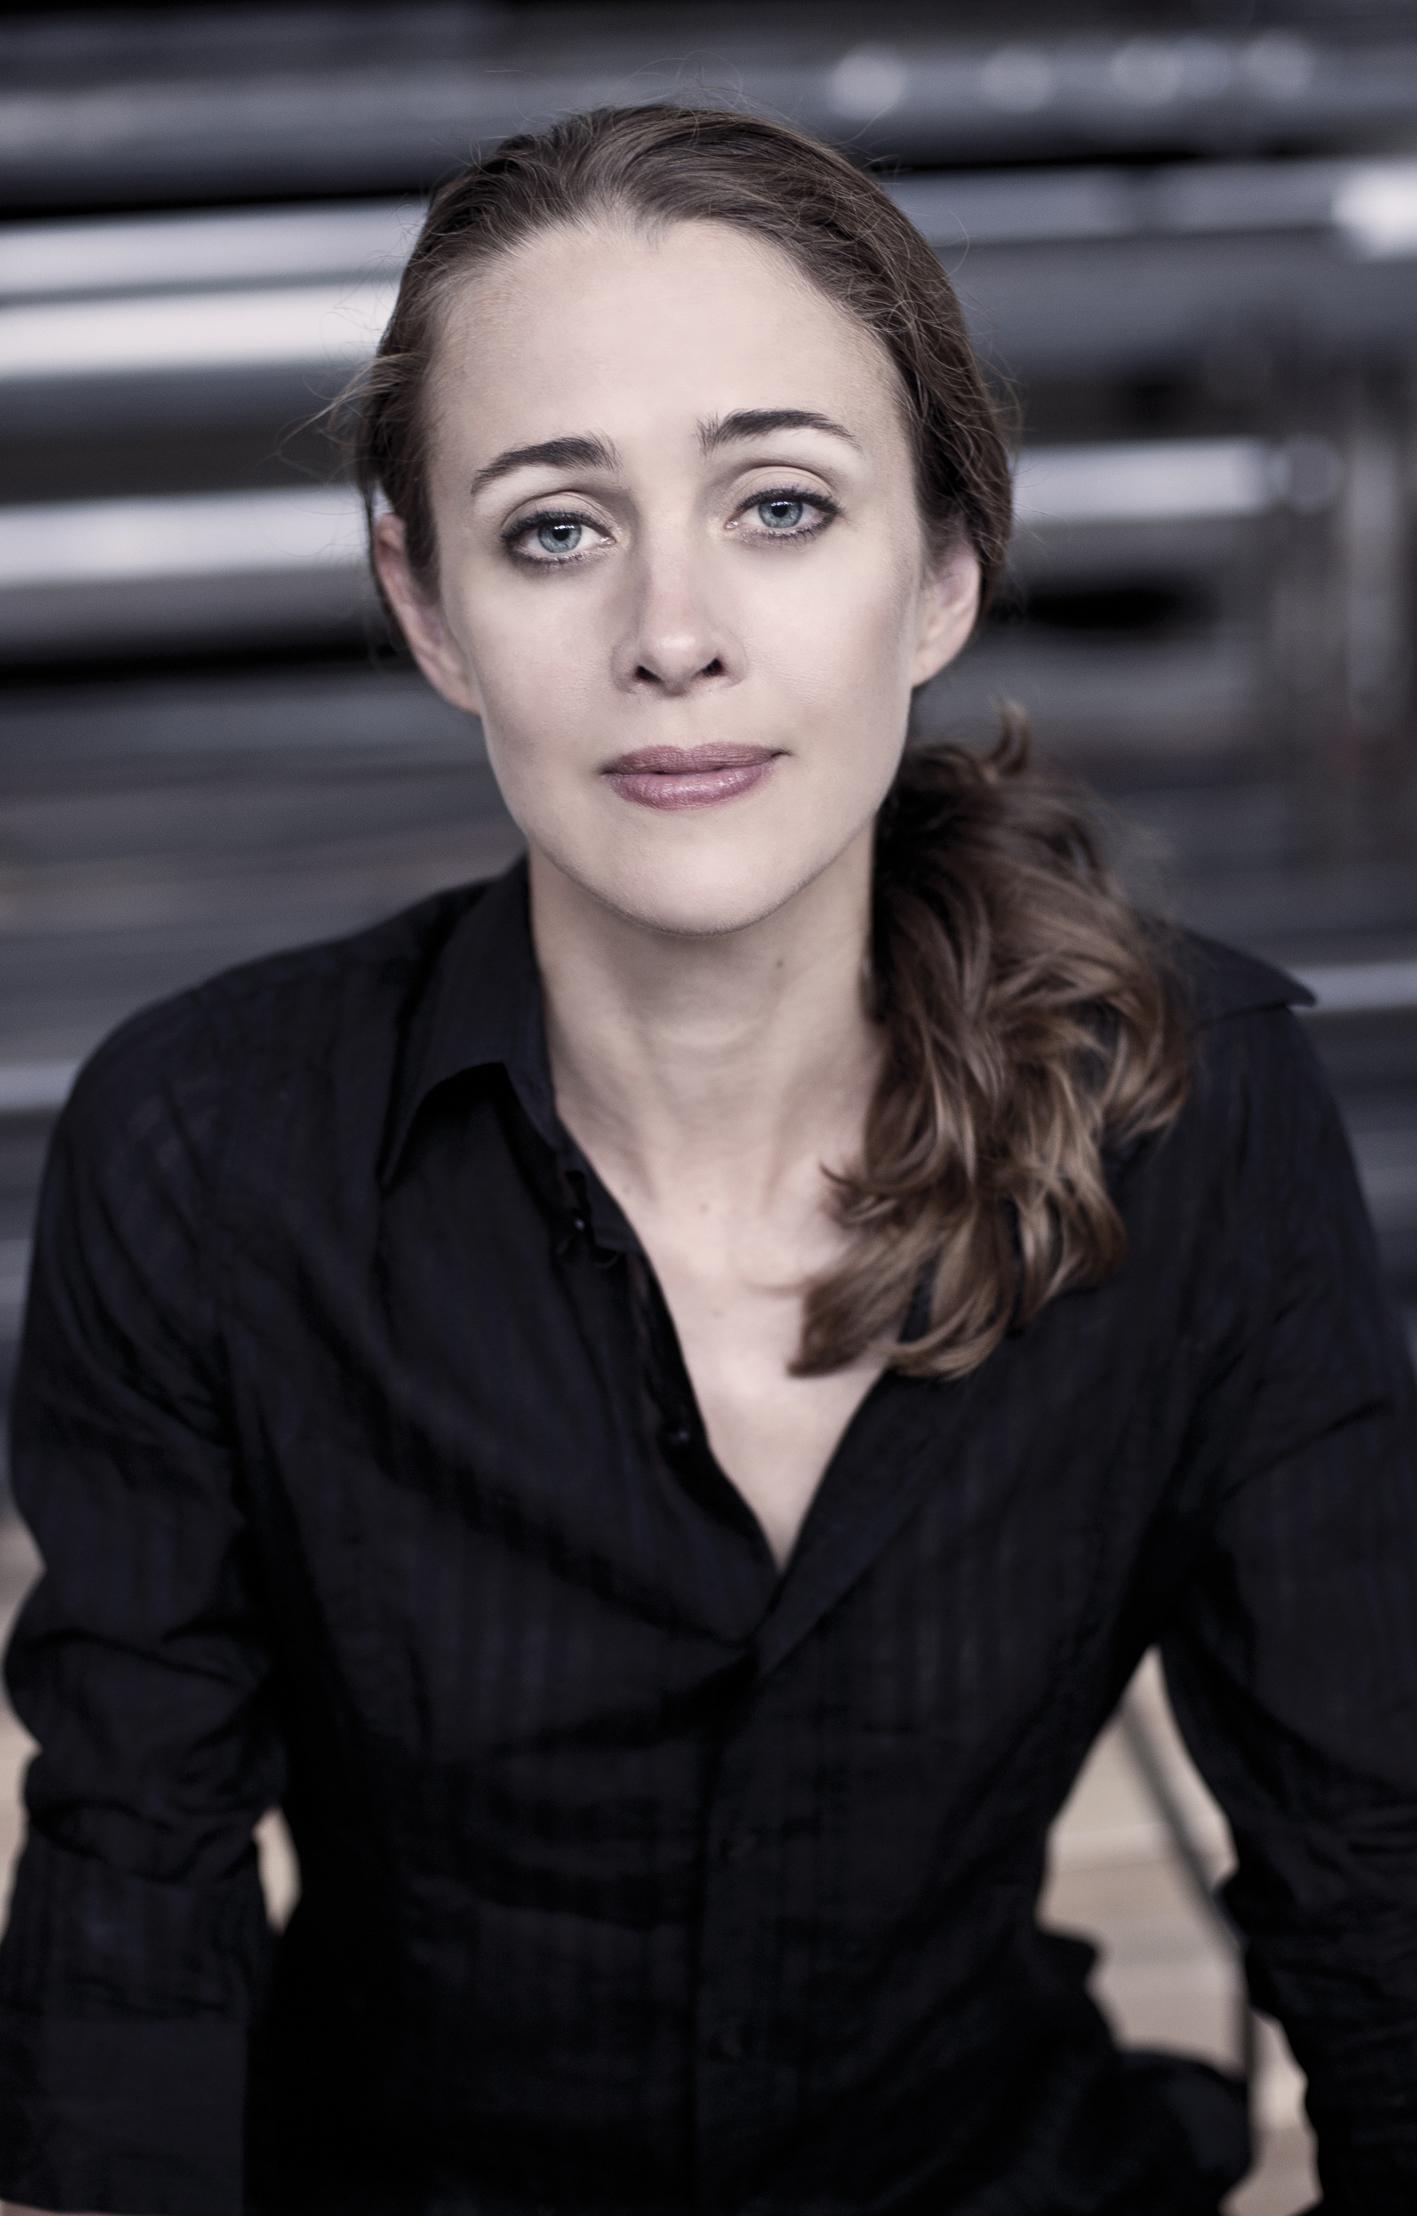 Bridget Breiner